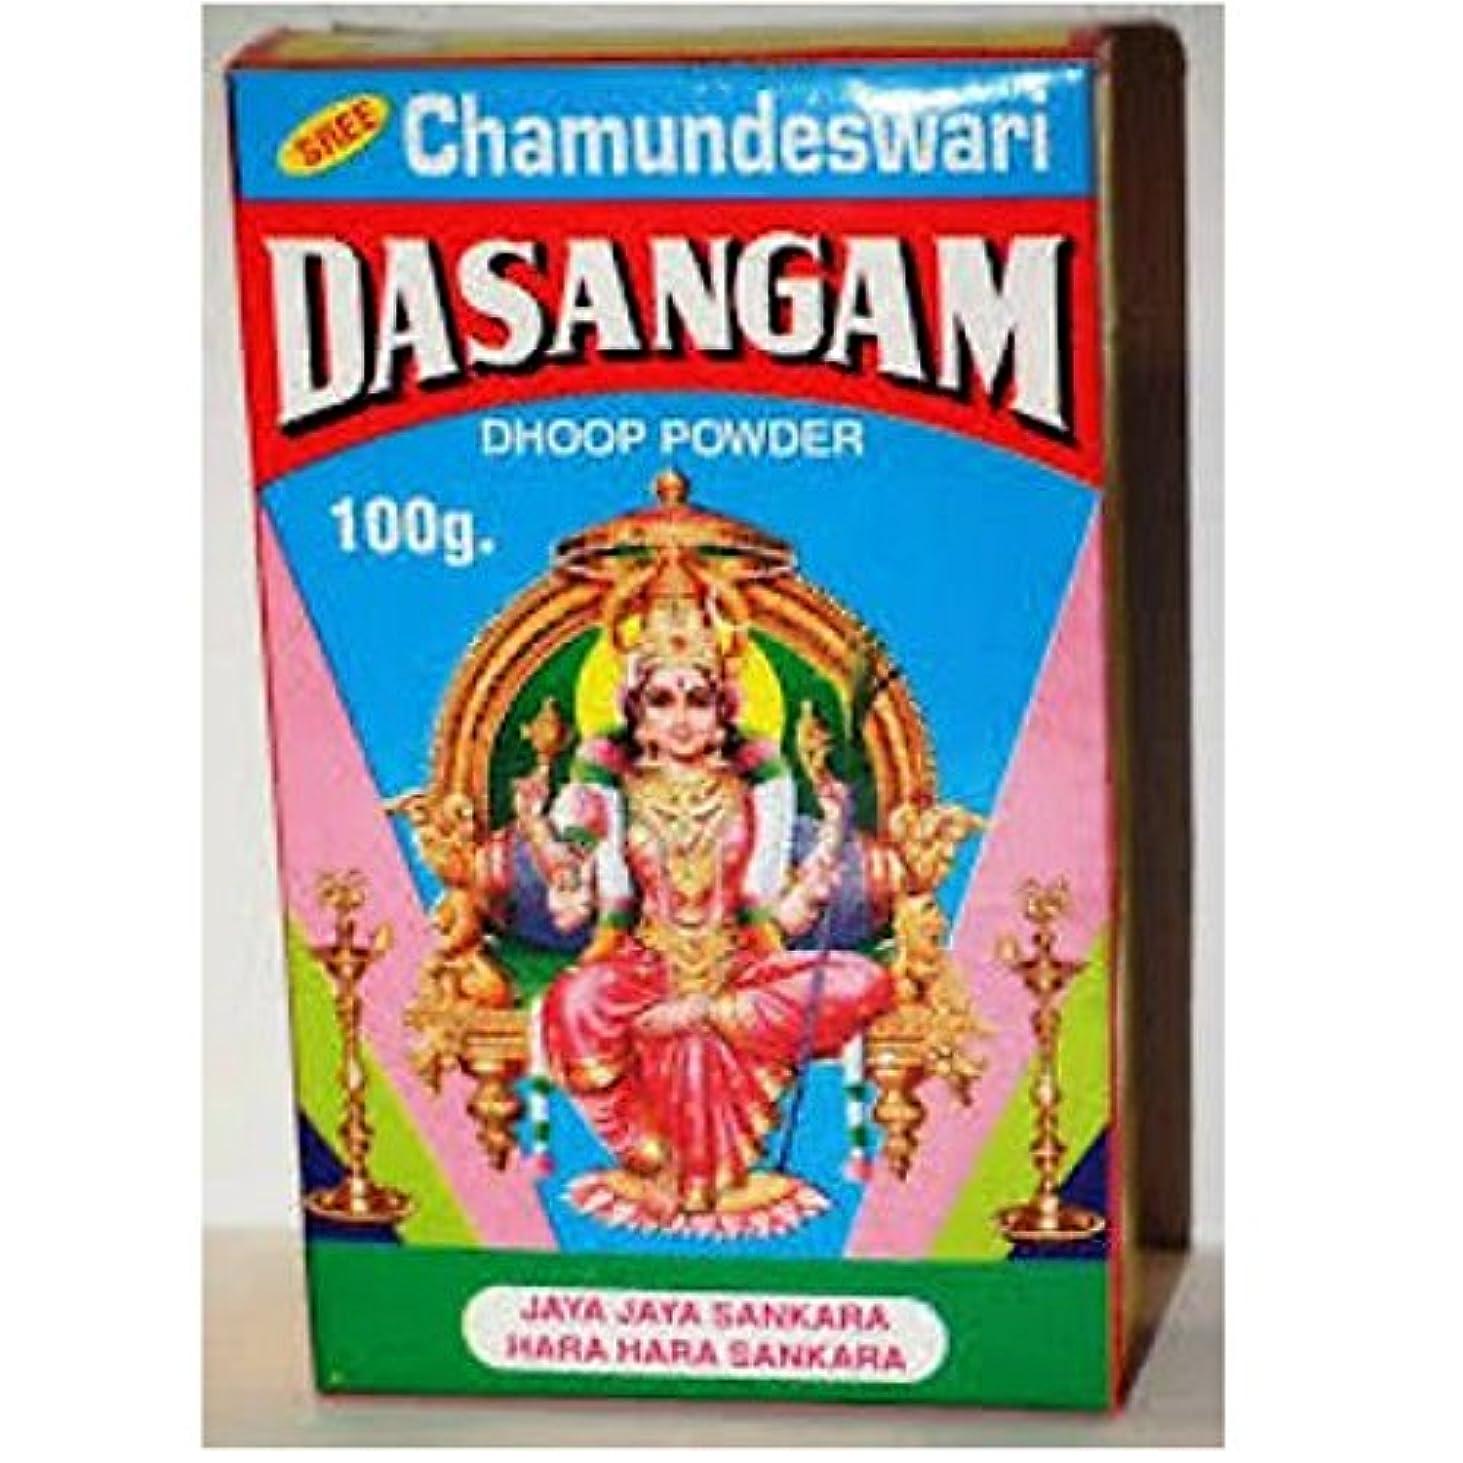 却下するスリムポータルdasangam Pure元Dhoopパウダーfor Hindu供養、Hawan、祭り、100 gm